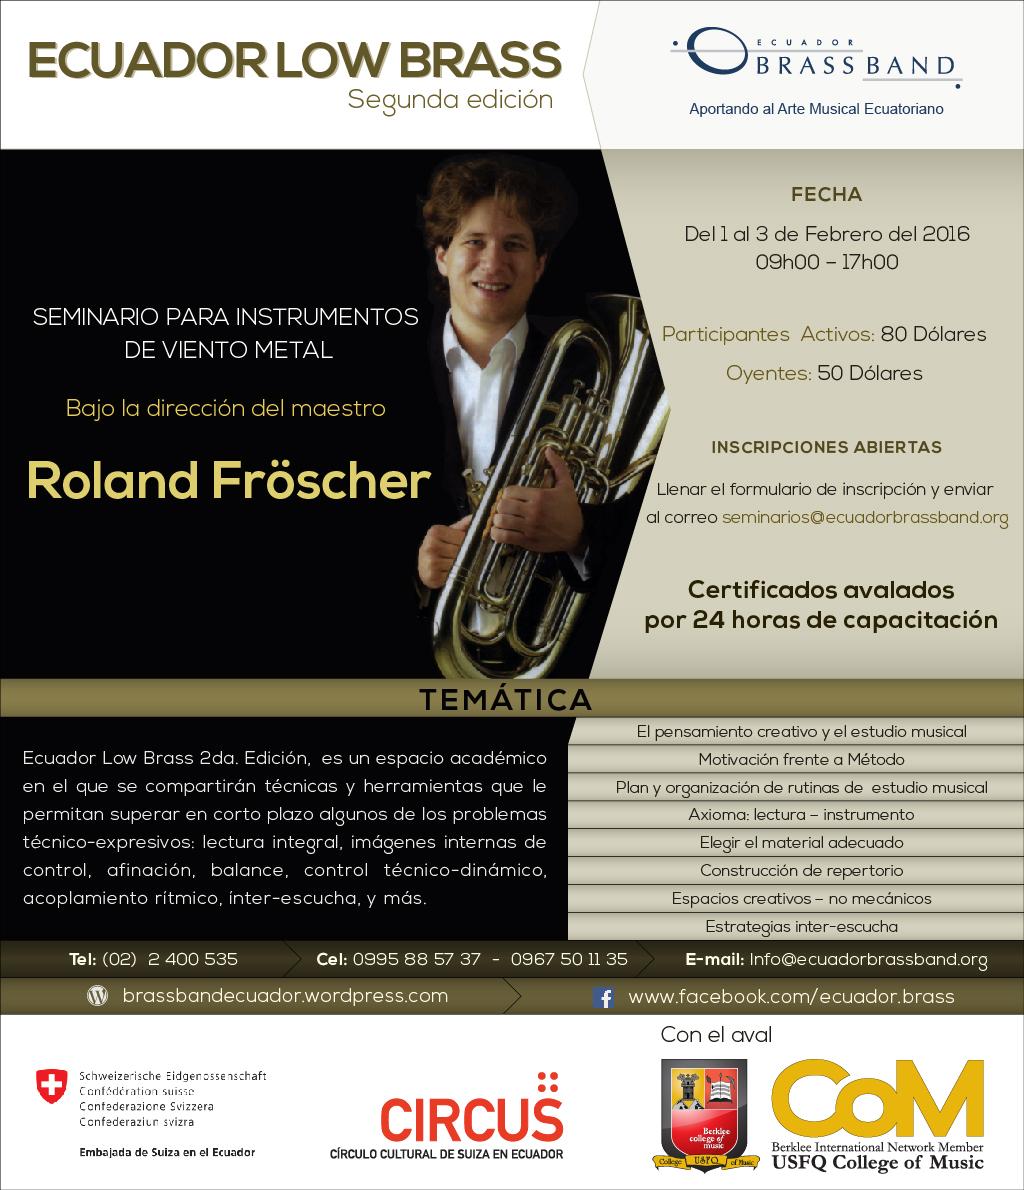 Ecuador Low Brass 2da Edición